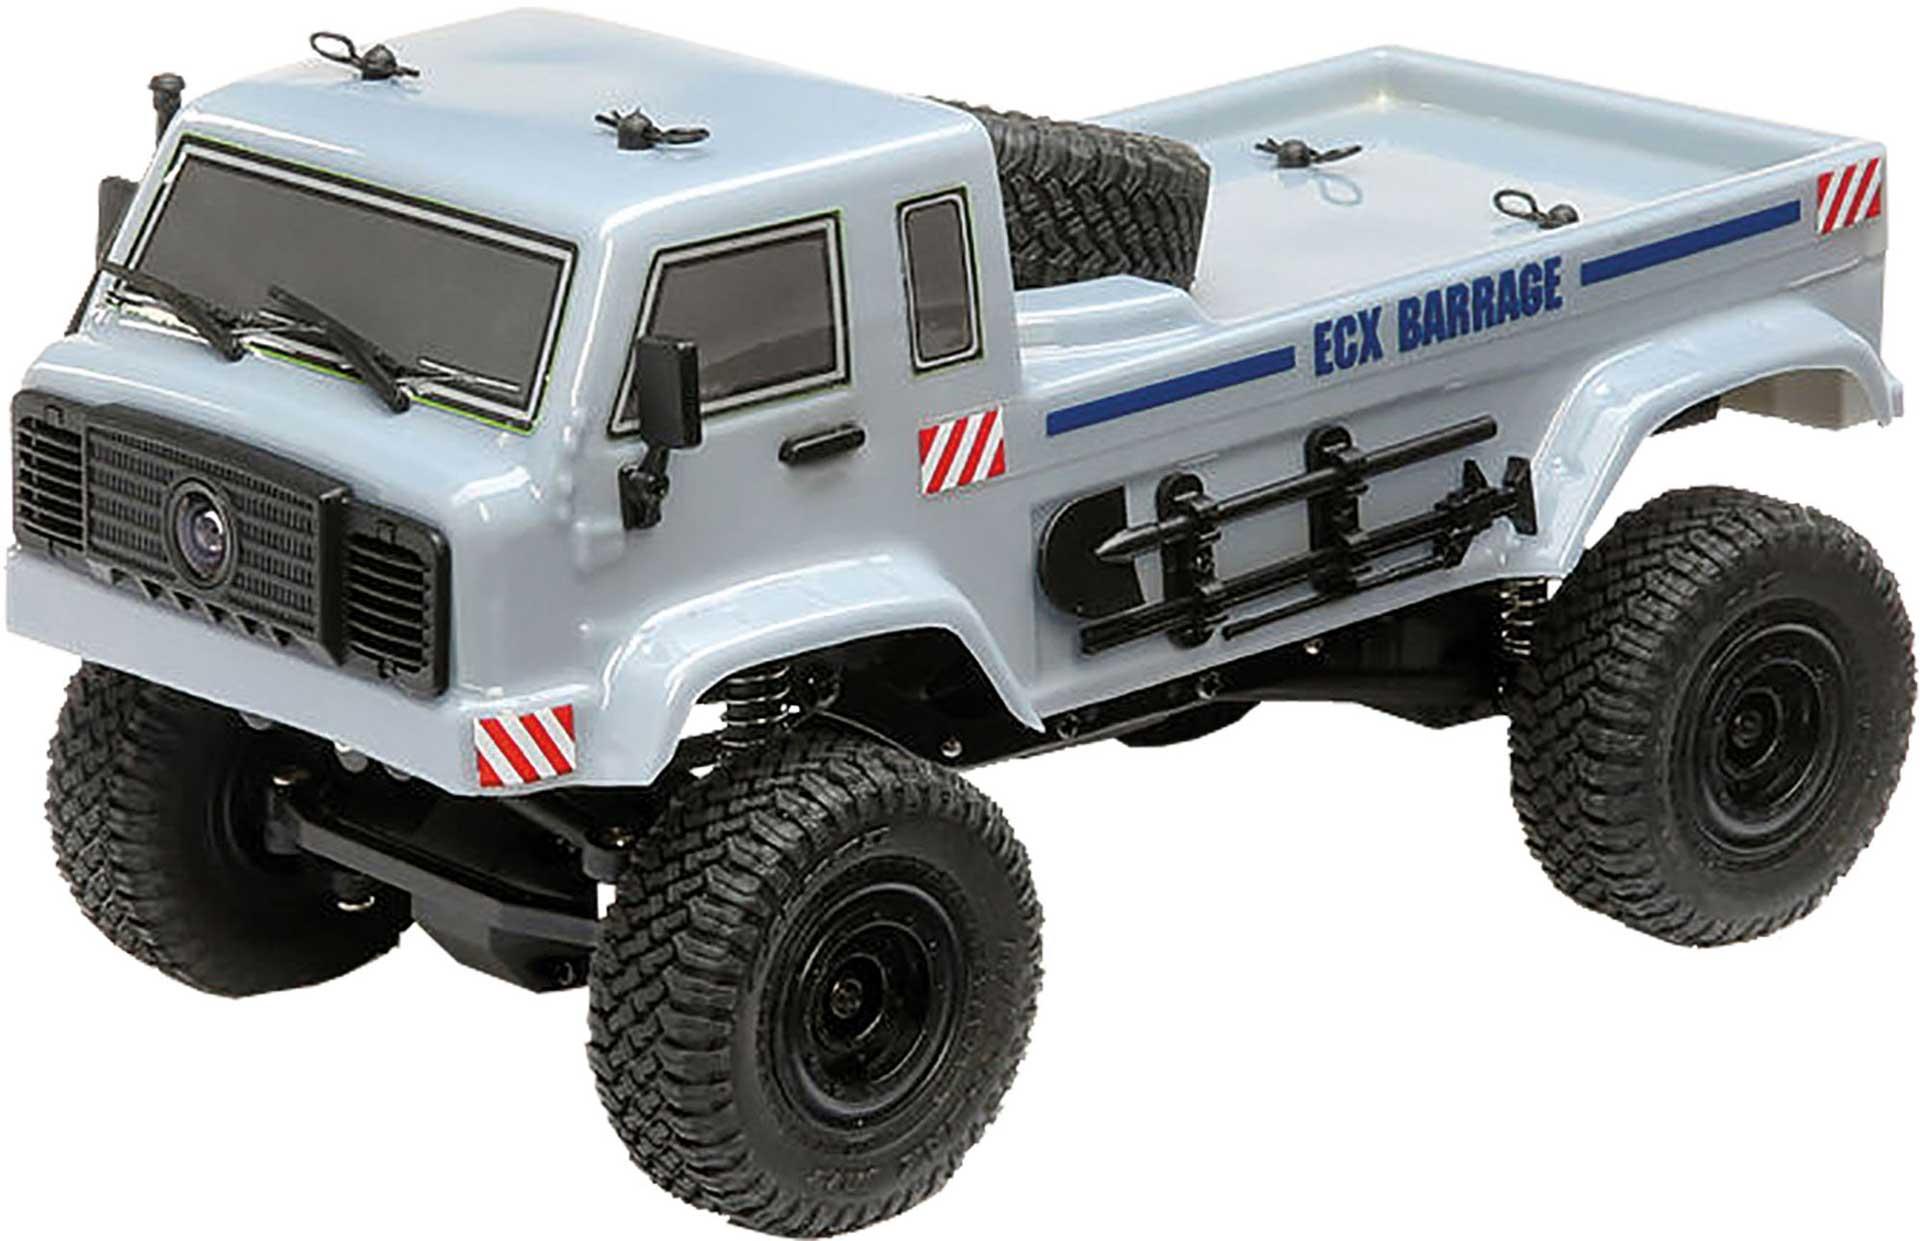 ECX BARRAGE UV 4WD SCALER CRAWLER RTR FPV 1/24 GRAU